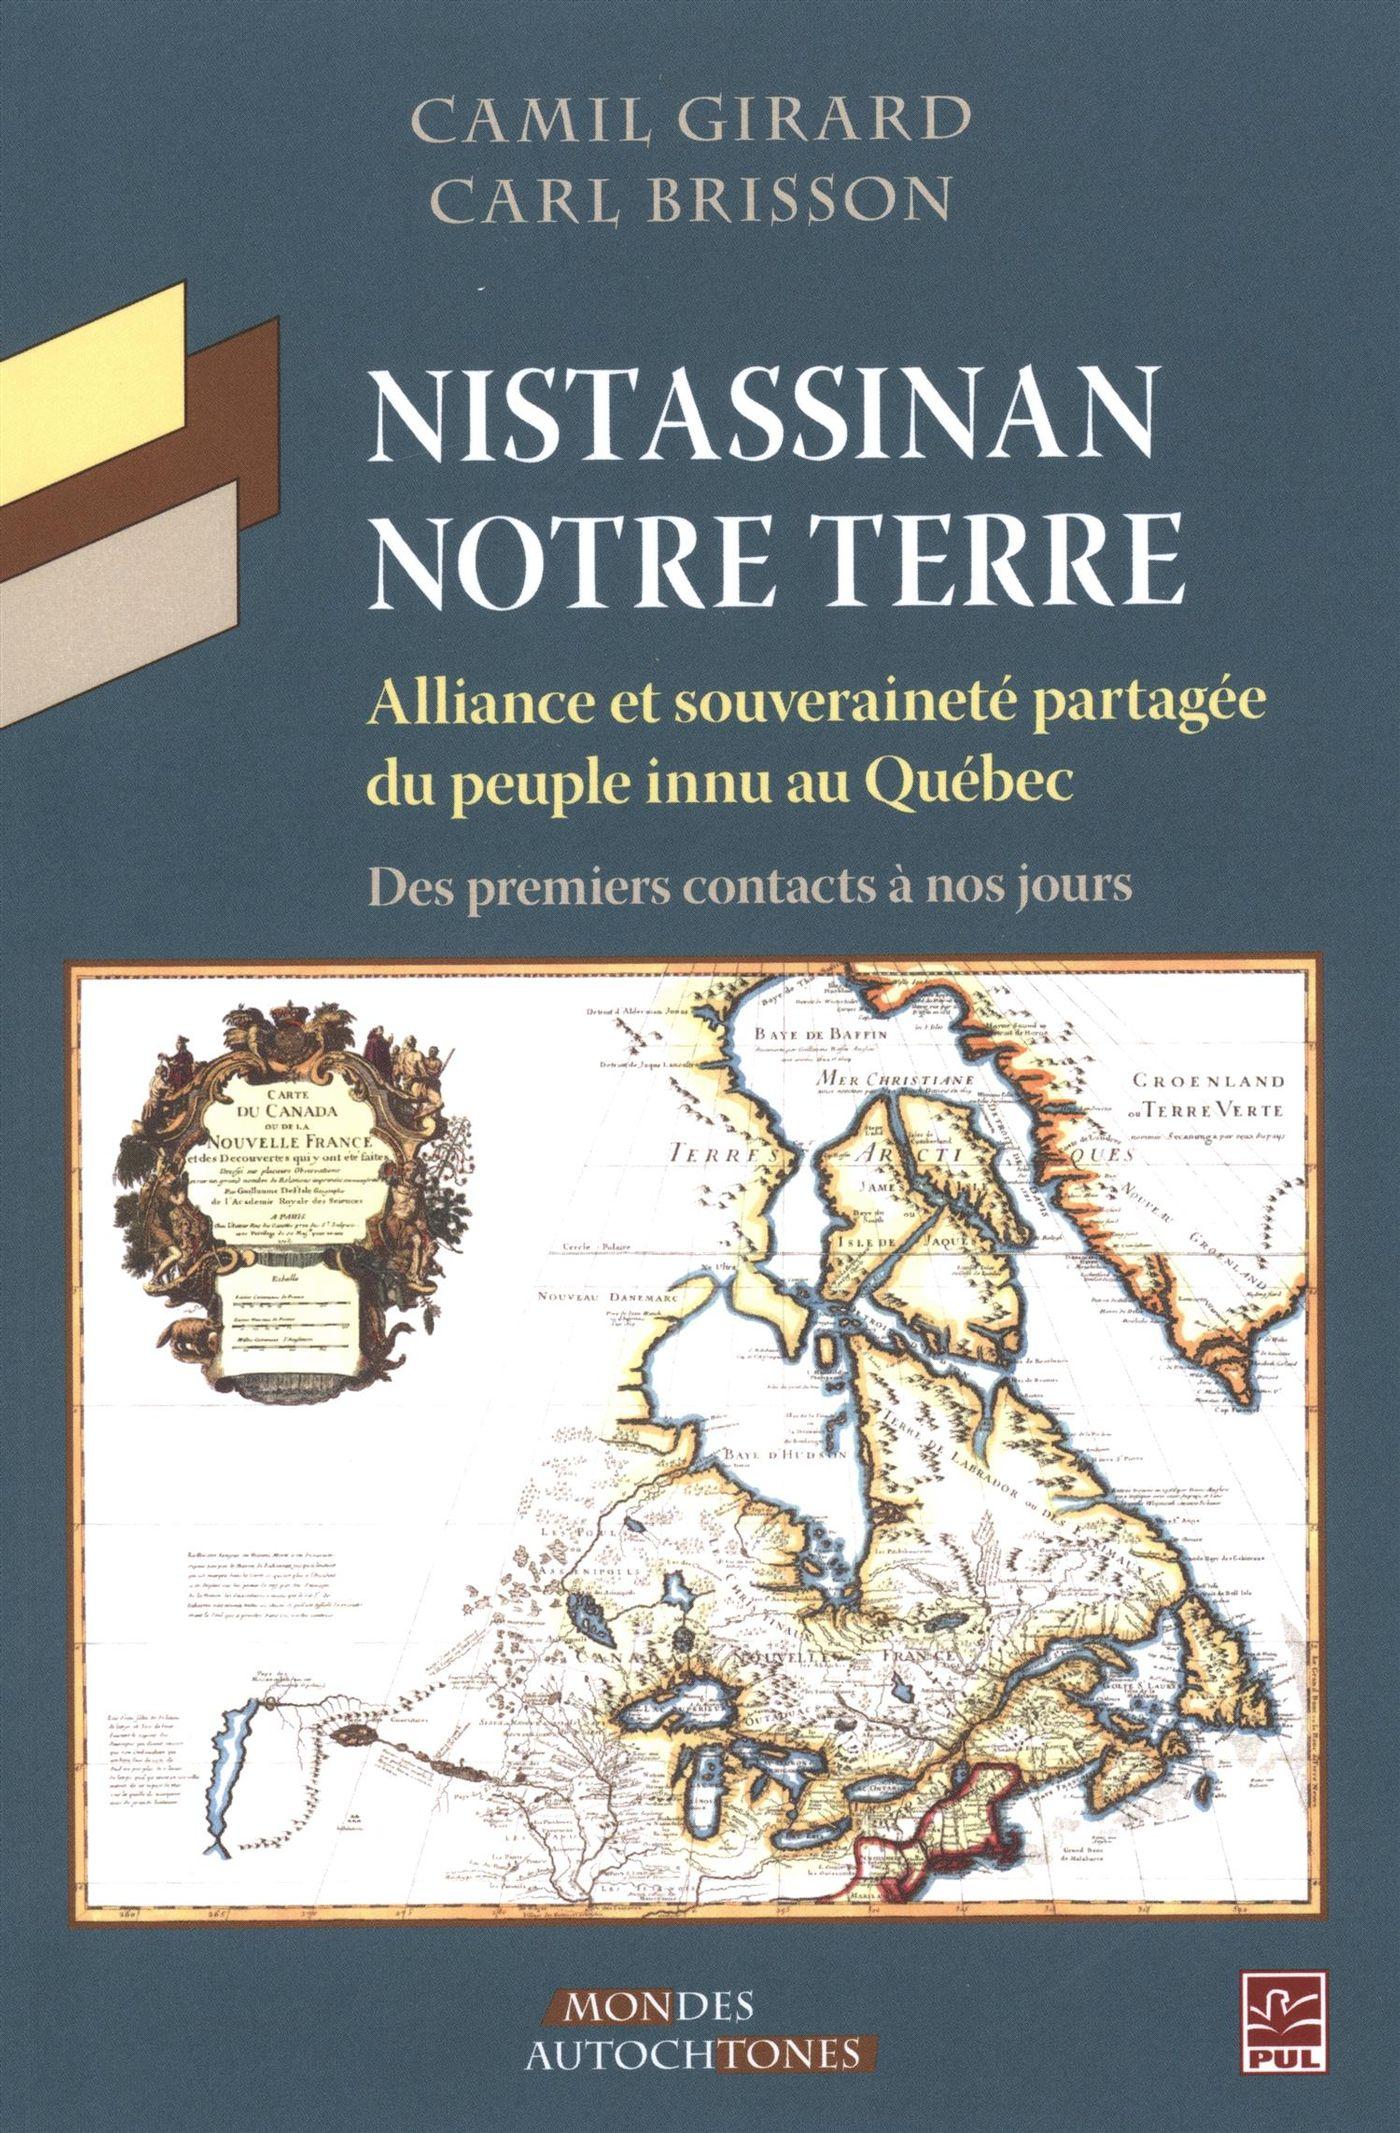 Nistassinan, notre terre